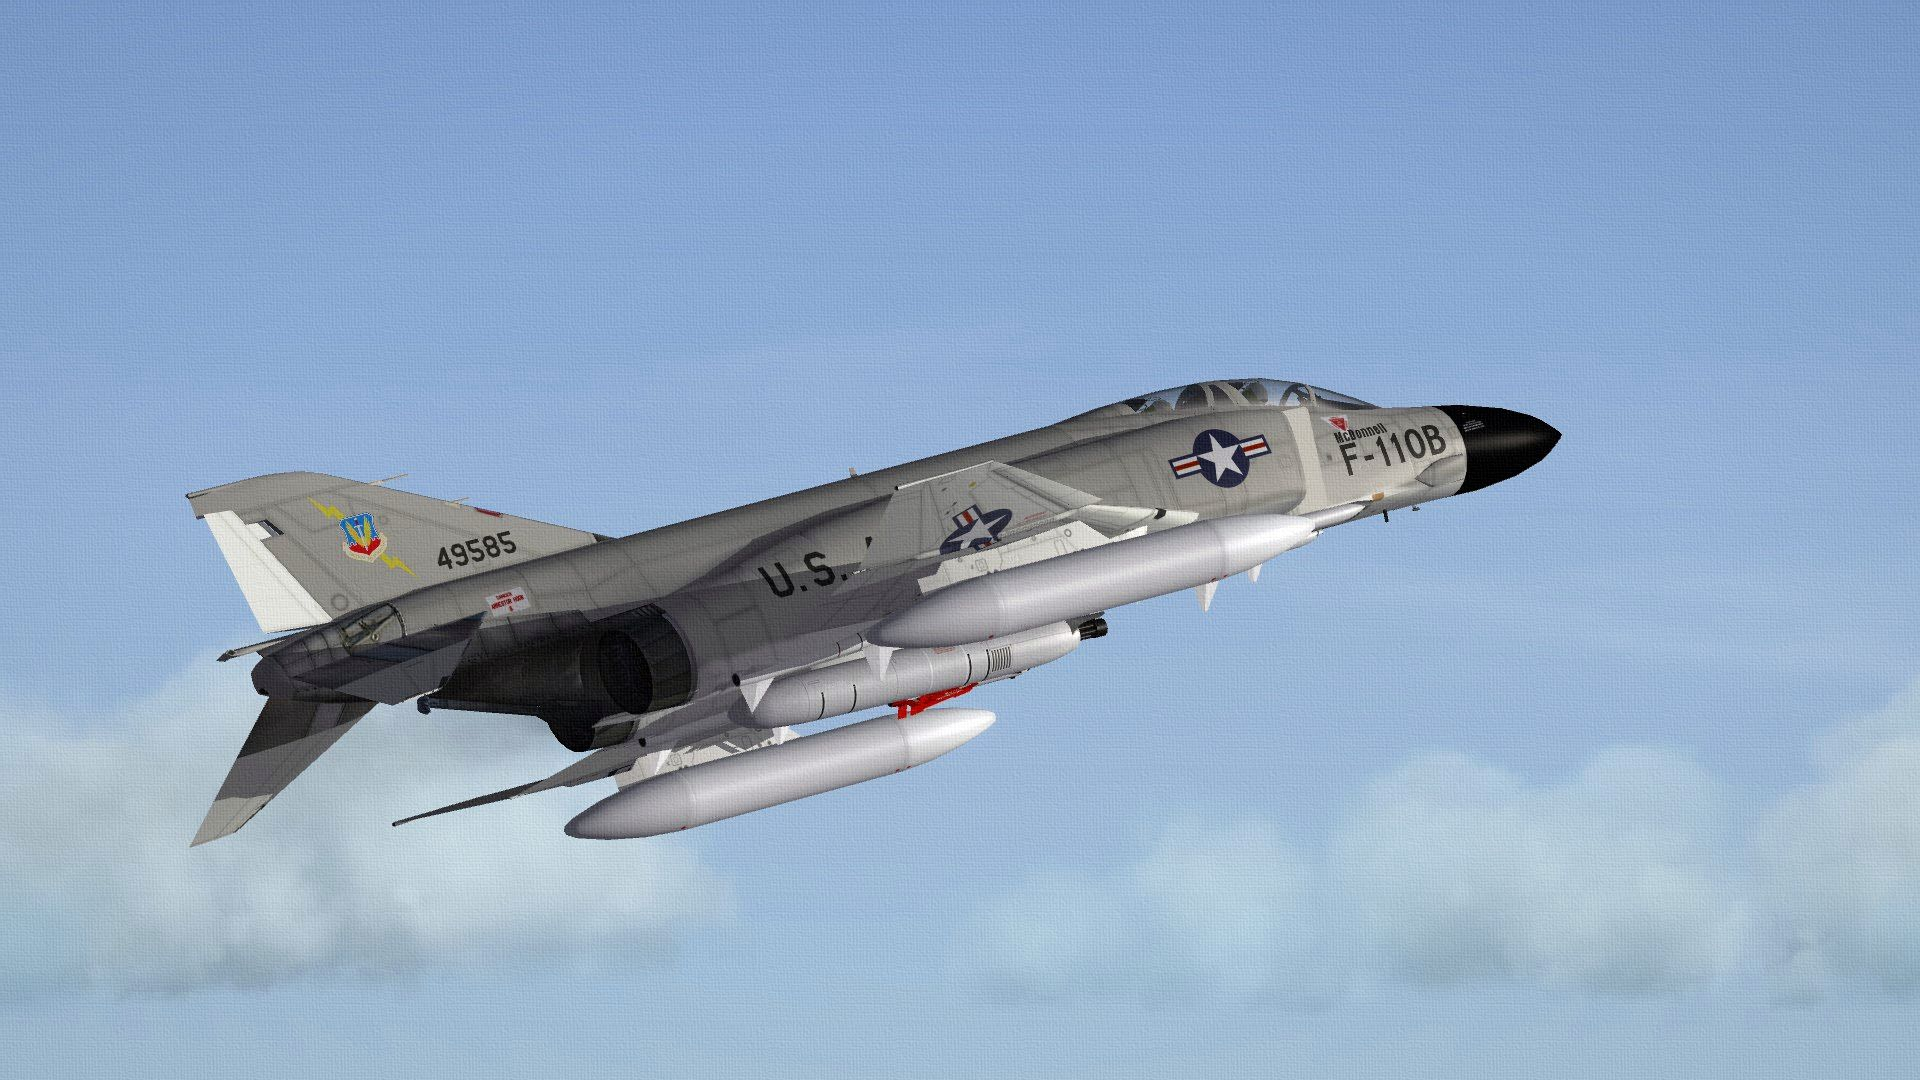 USAFF-110BPHANTOM05_zps3a12706a.jpg